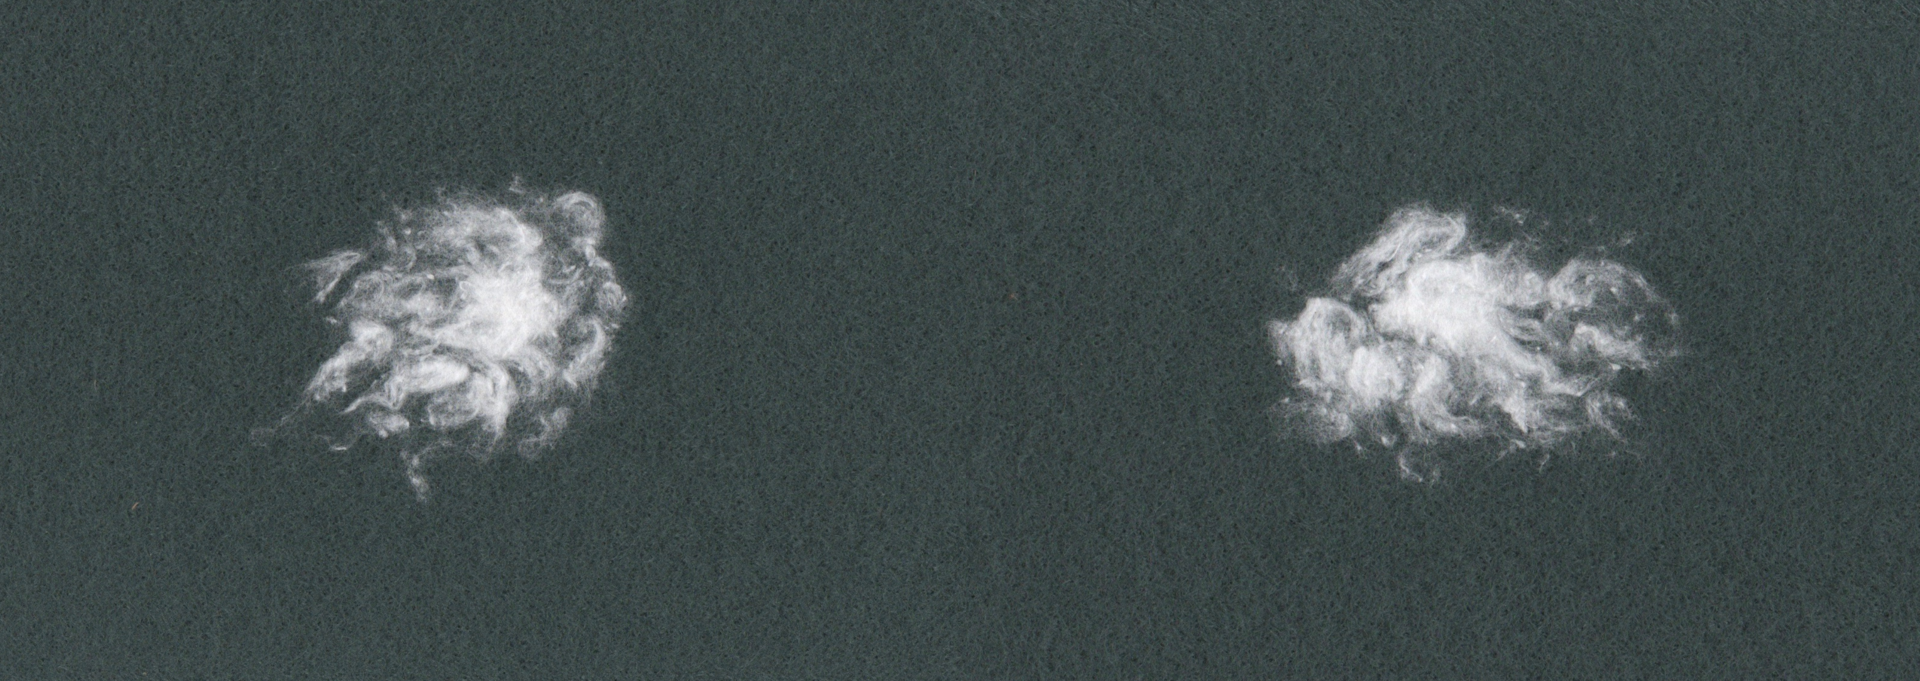 Lanugo No.3 (2020)